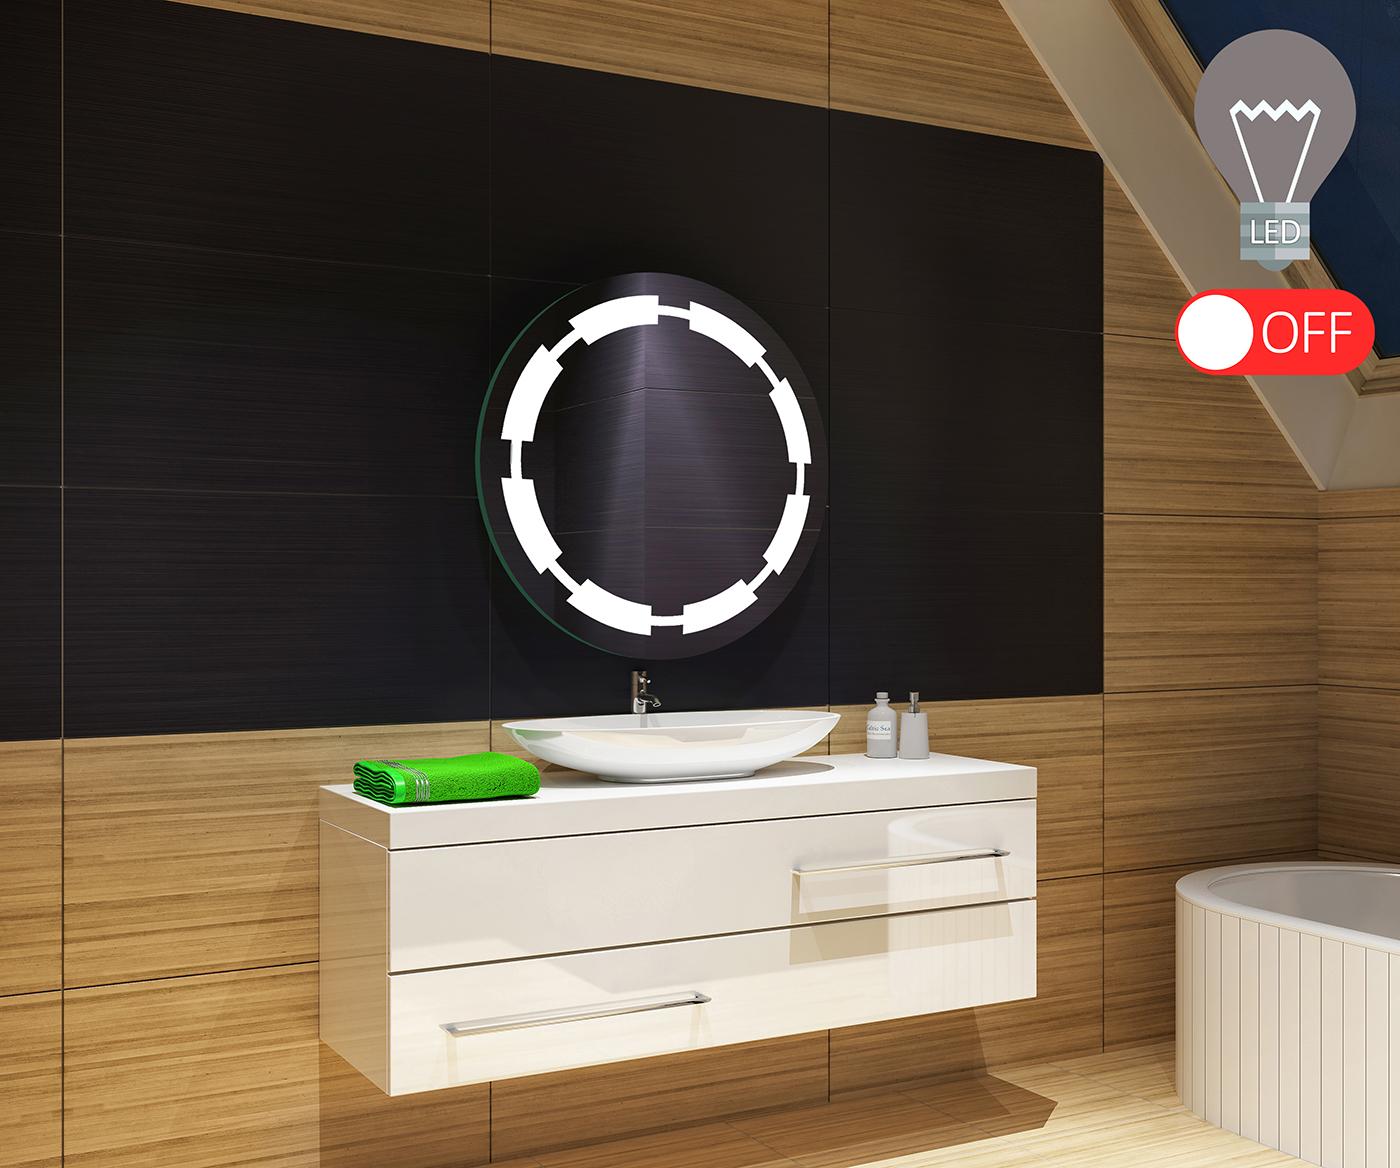 Maß Badezimmerspiegel Maß Led Badspiegel Mit Spiegel